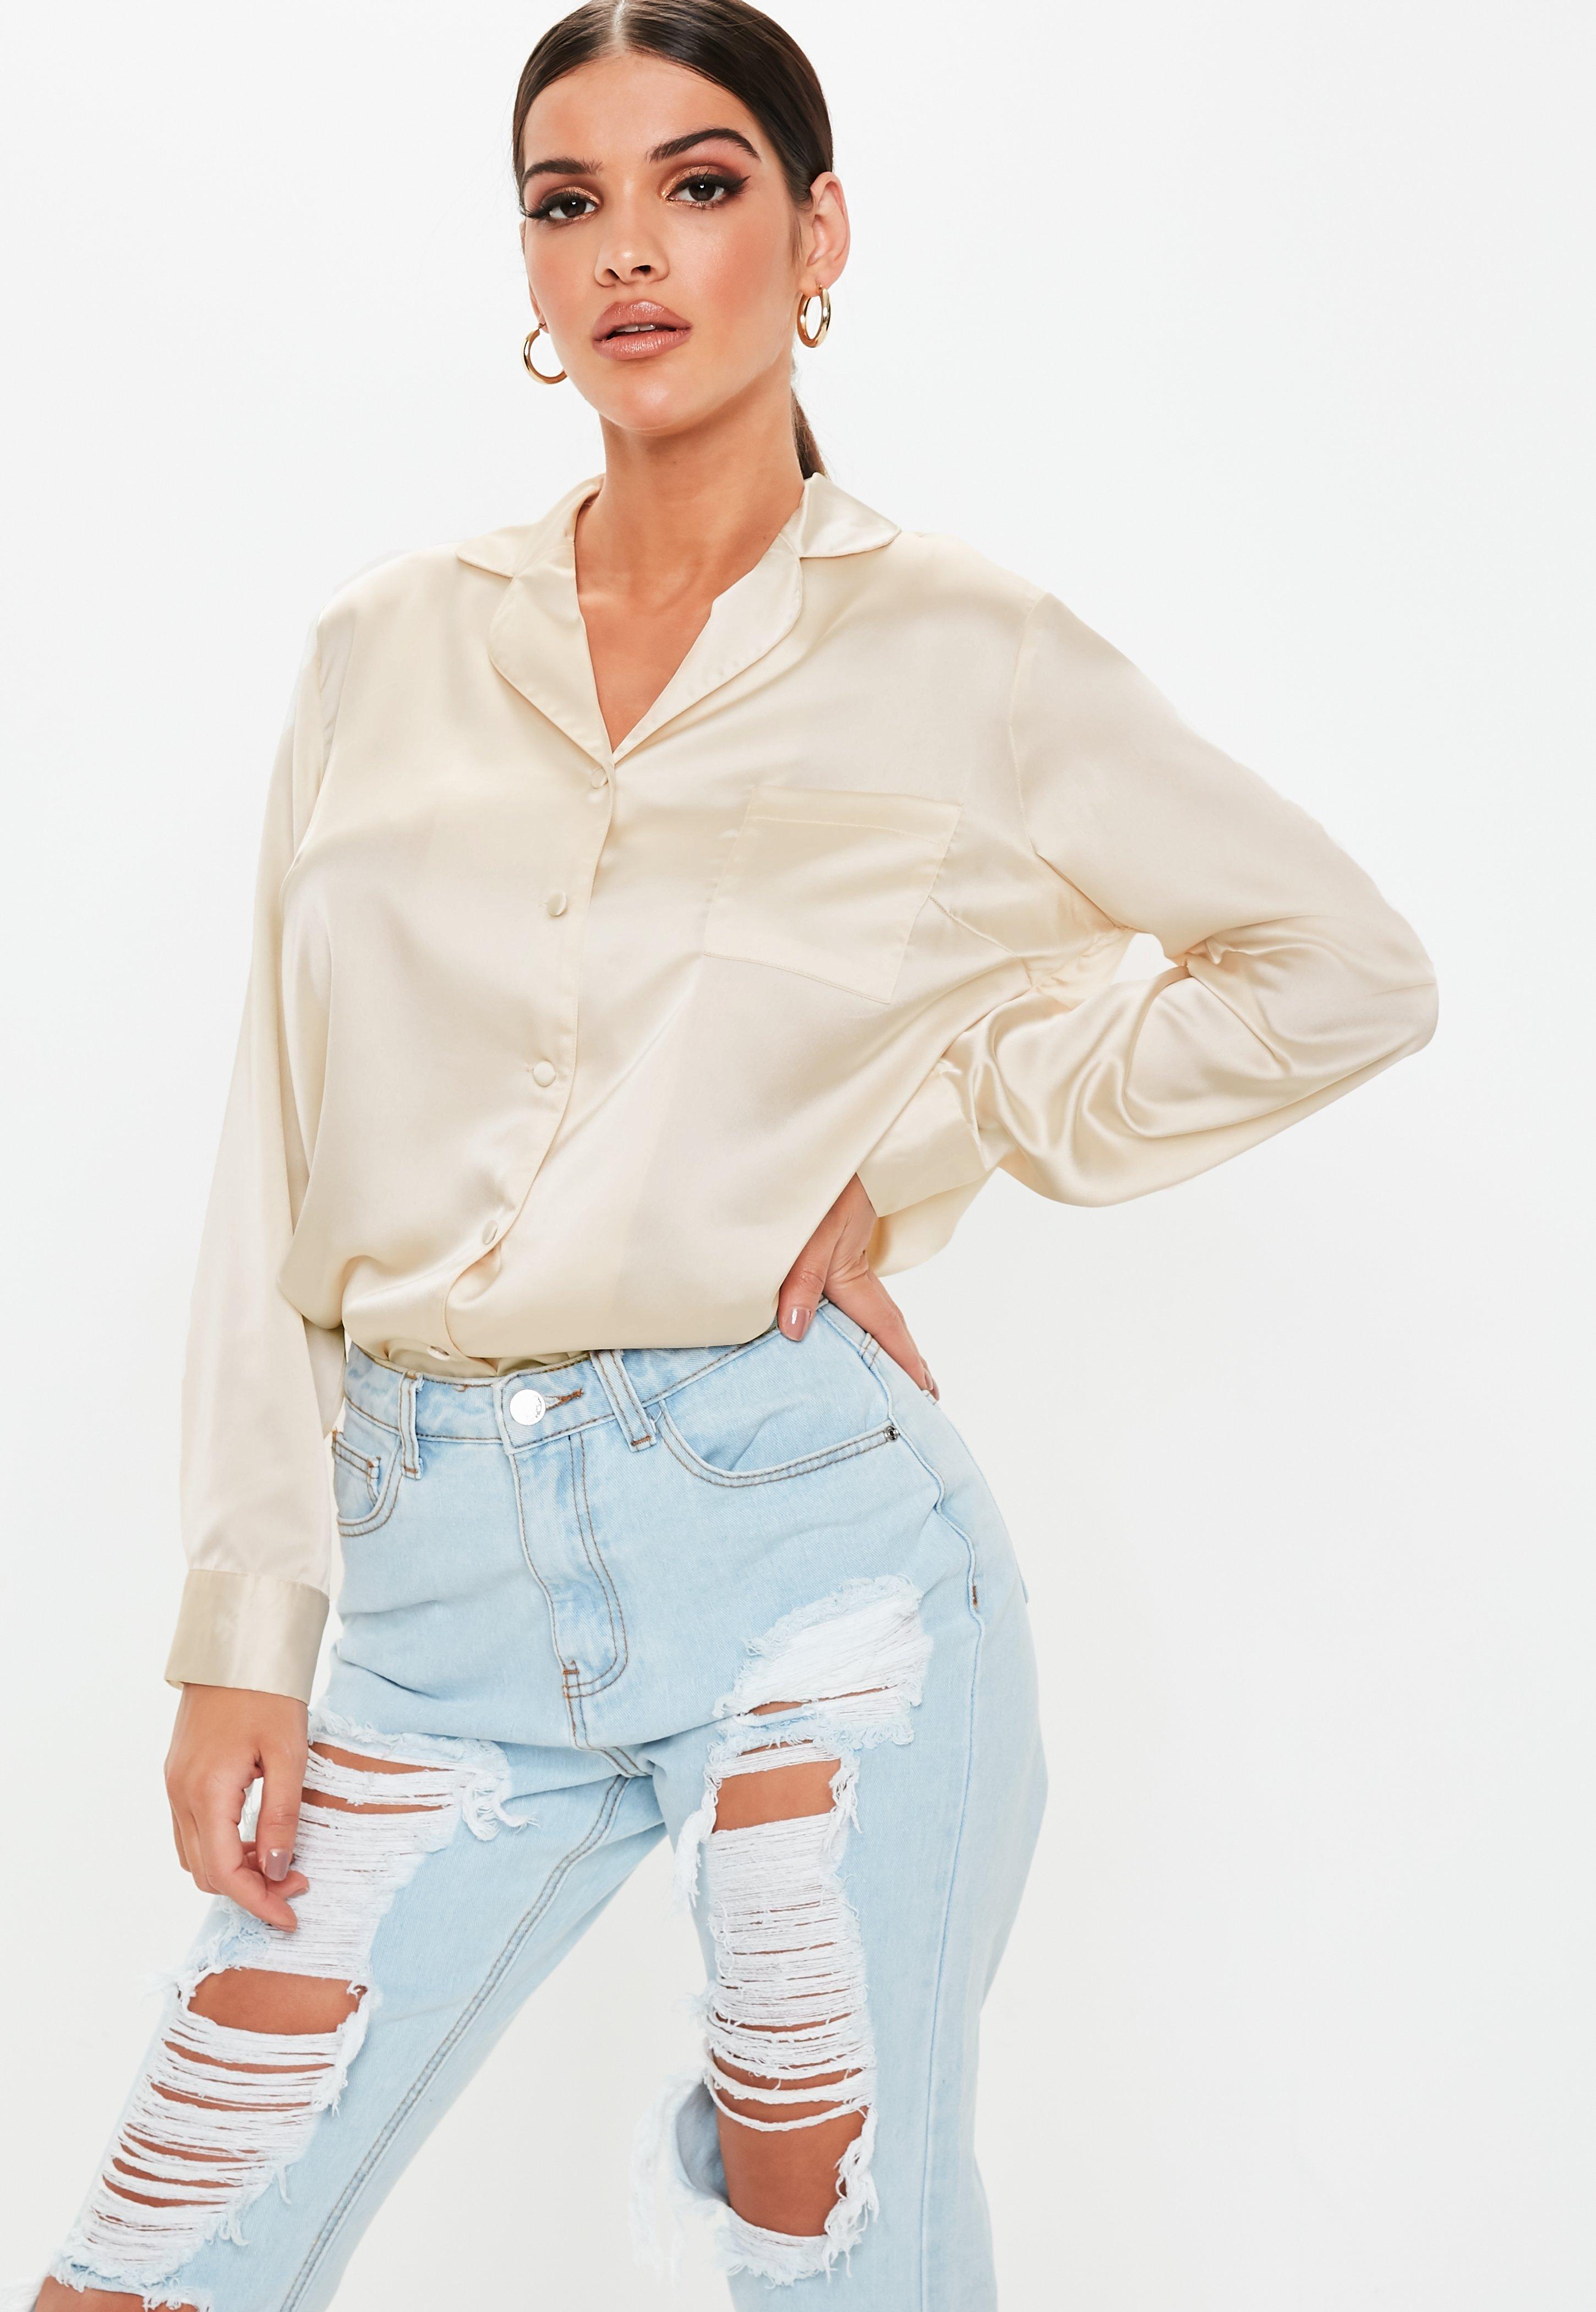 020630af53 Women s Shirts